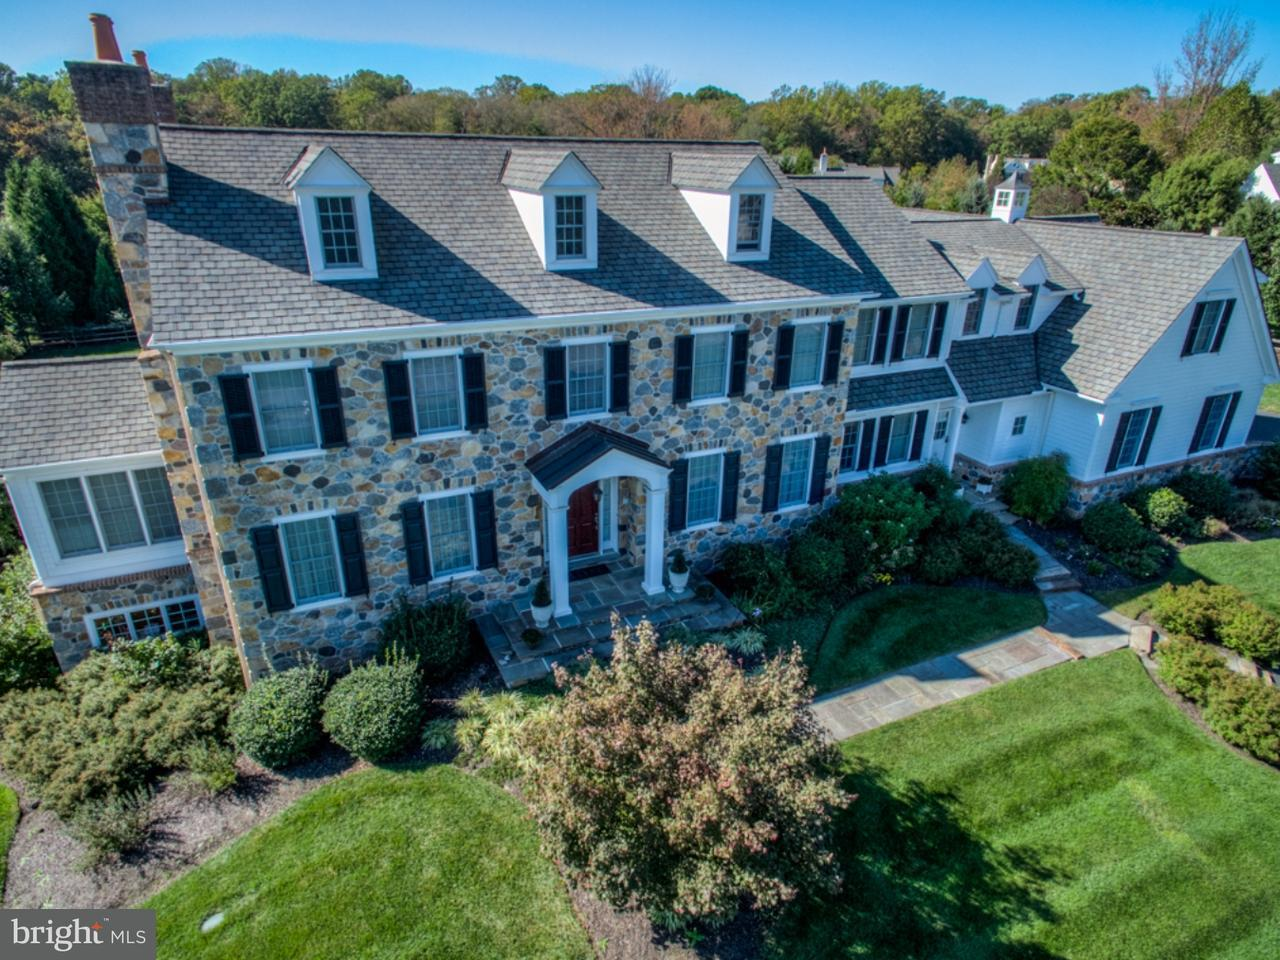 Частный односемейный дом для того Продажа на 104 PAIRED OAKS Lane Greenville, Делавэр 19807 Соединенные Штаты